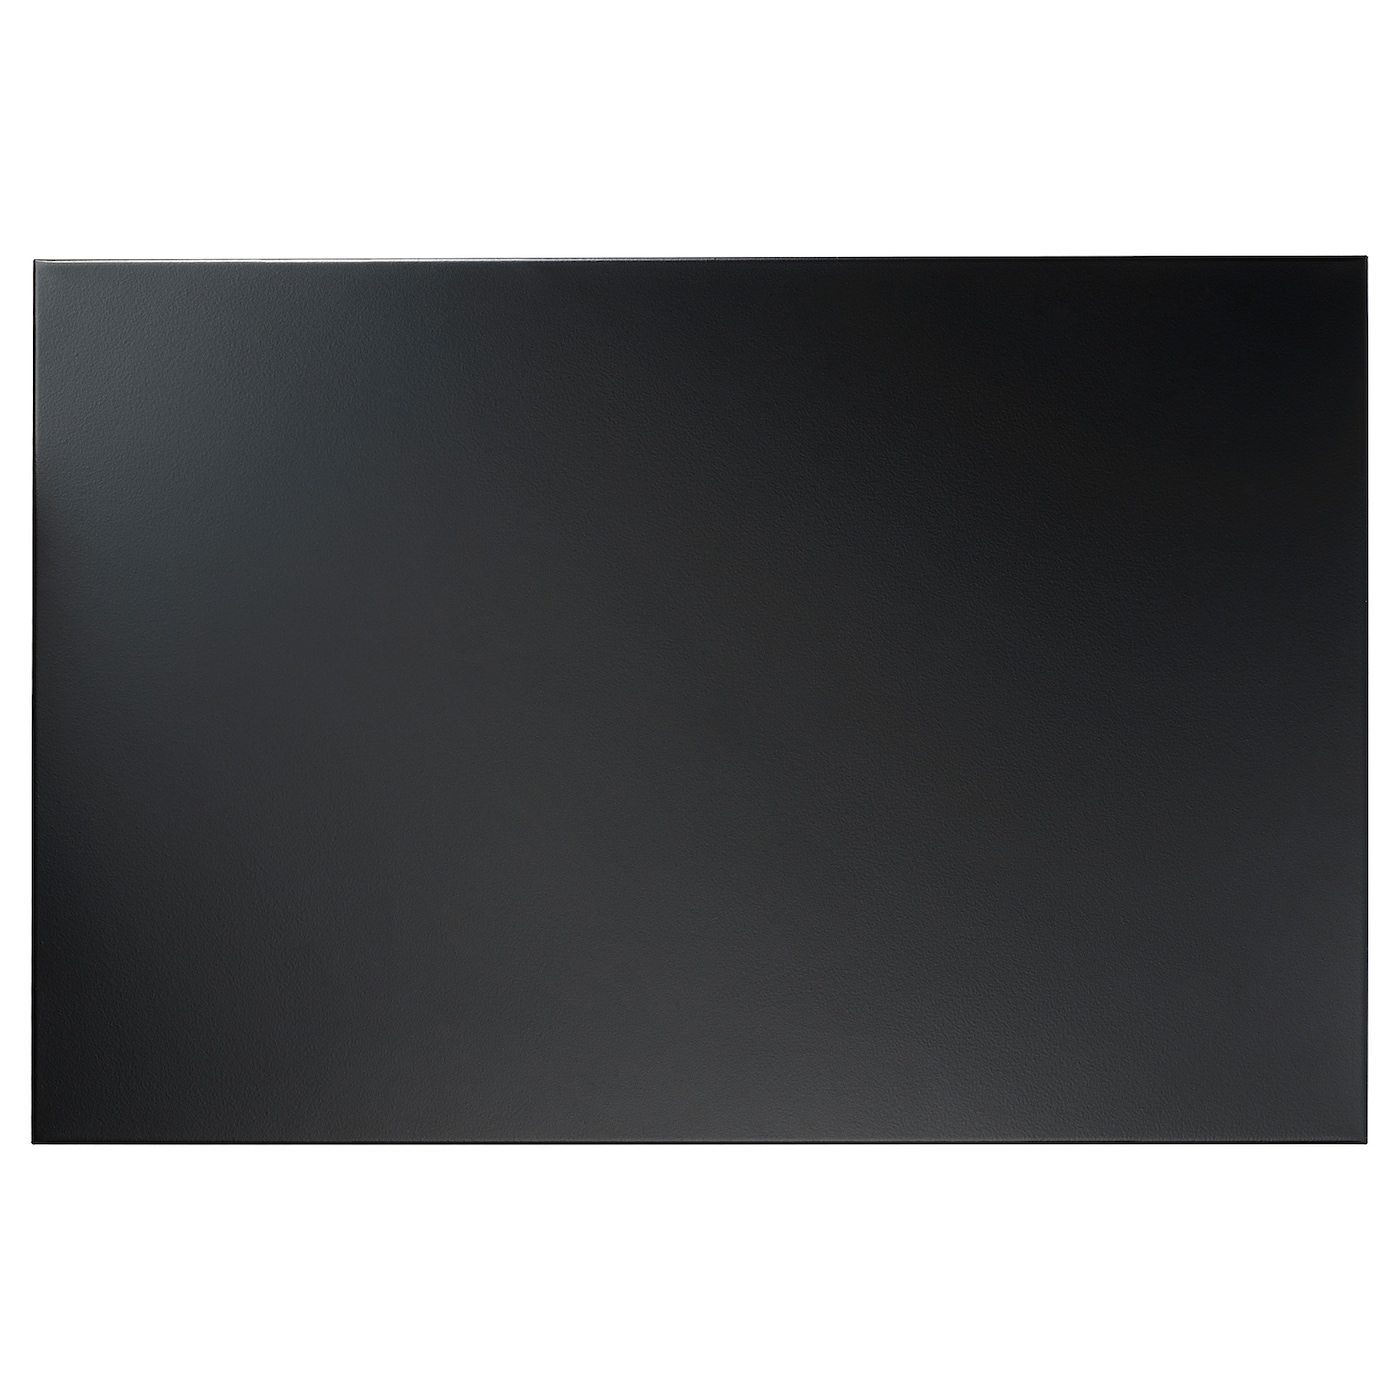 HCJCQYG FJXLZ/® Vasca da Bagno Gonfiabile Piscina per Bambini Ispessimento Bambino su Piccola Scala Piscina Gonfiabile Laghetto da Pesca Isolamento pi/ù Spesso Collassabile Vasca da bagn